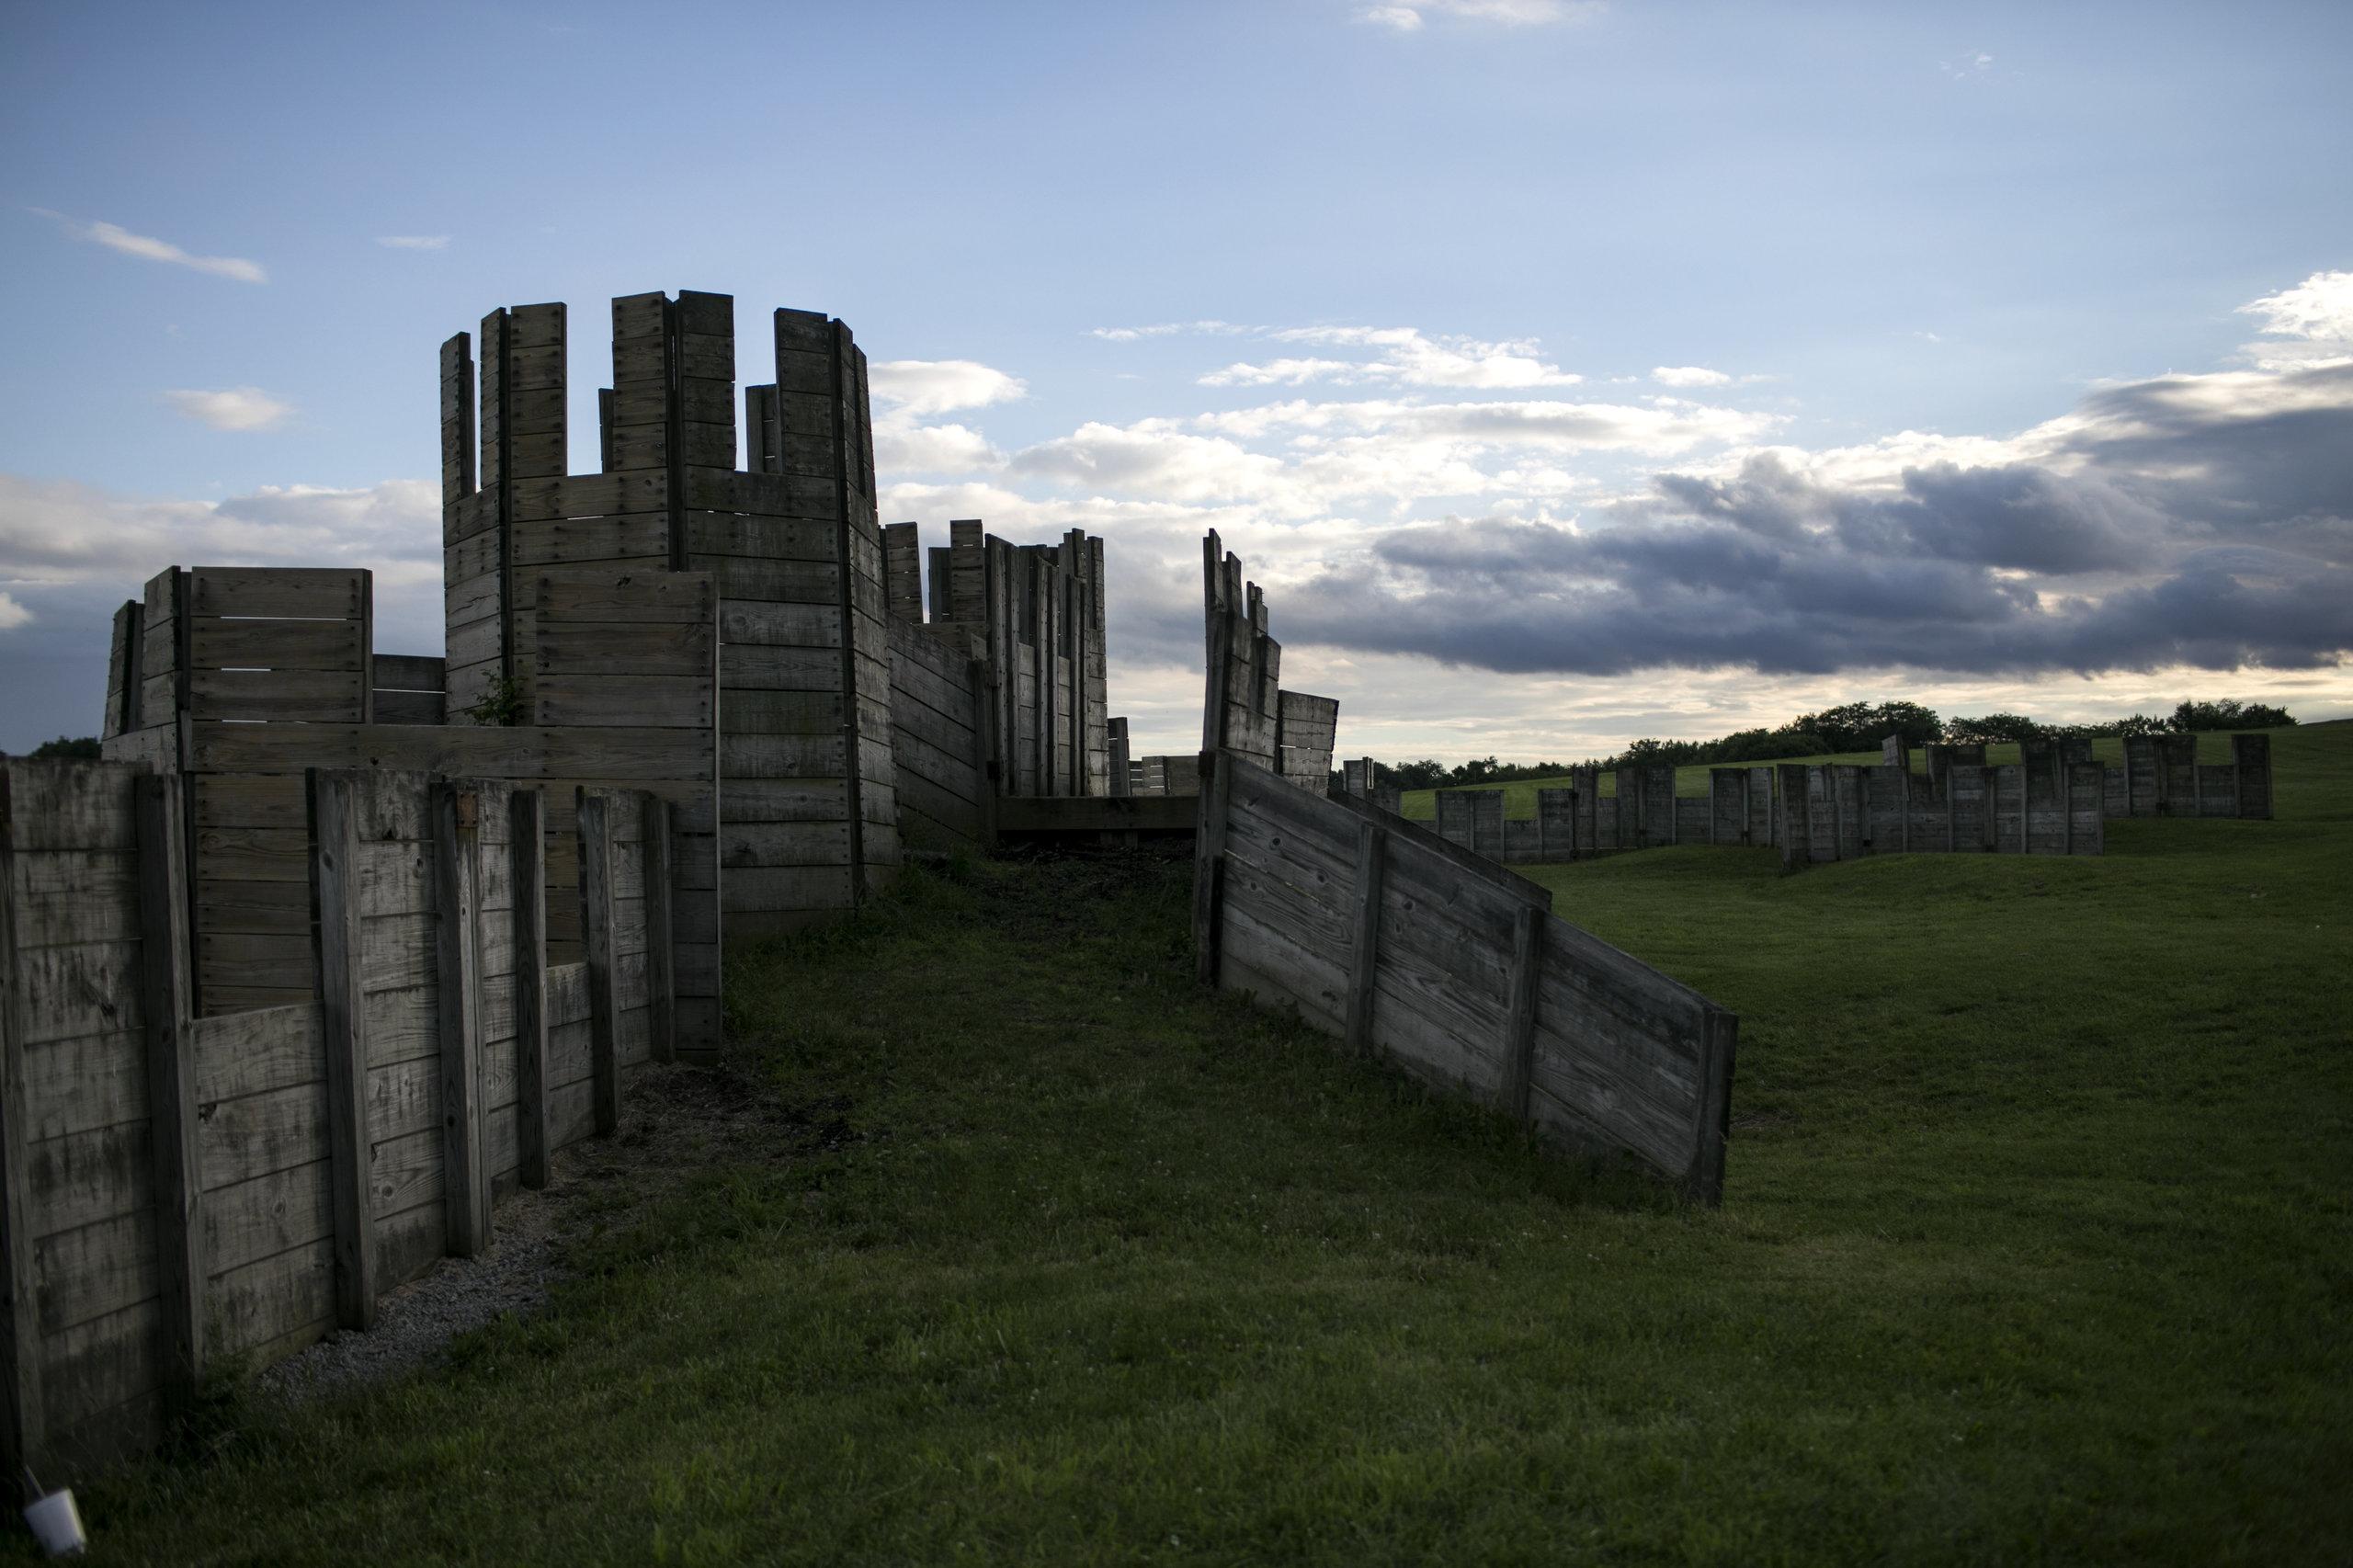 A castle erected for various battles at Ragnarok.